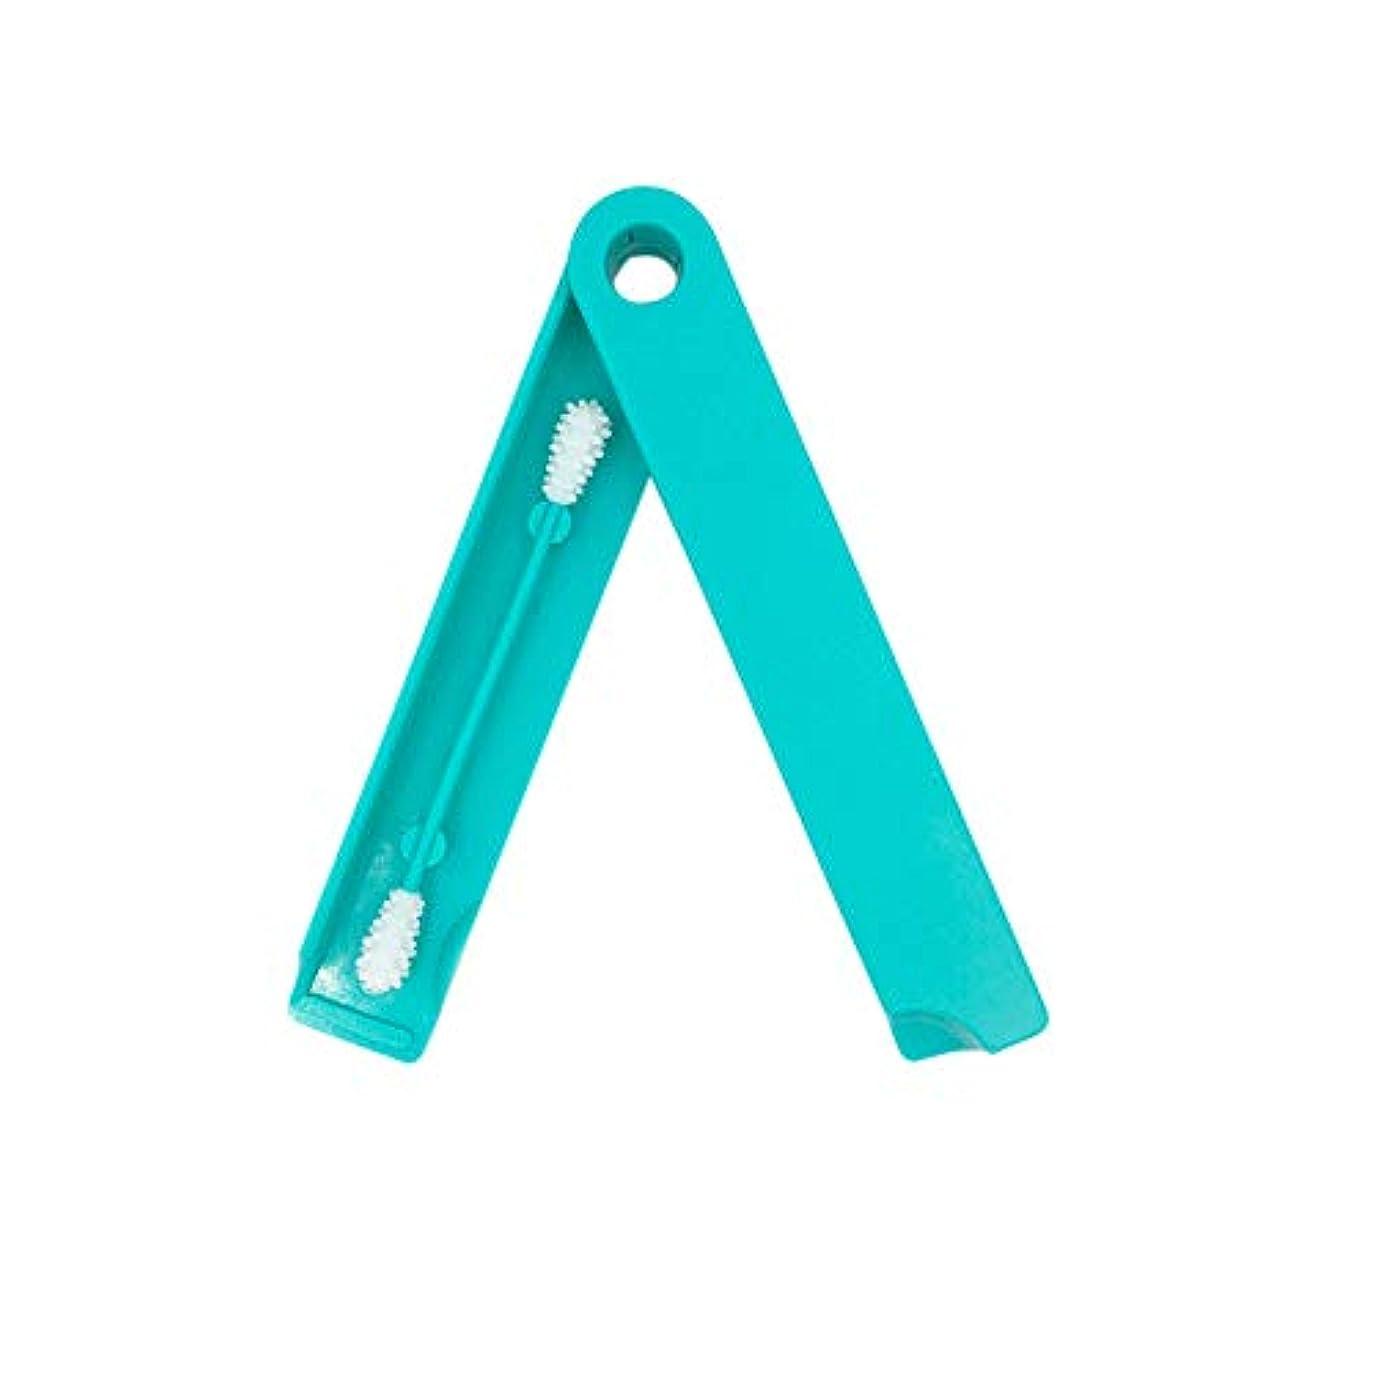 寛大さ検体なだめるACHICOO 1 Pcの再使用可能なシリコーン綿棒の女性の化粧用綿棒の先端 青